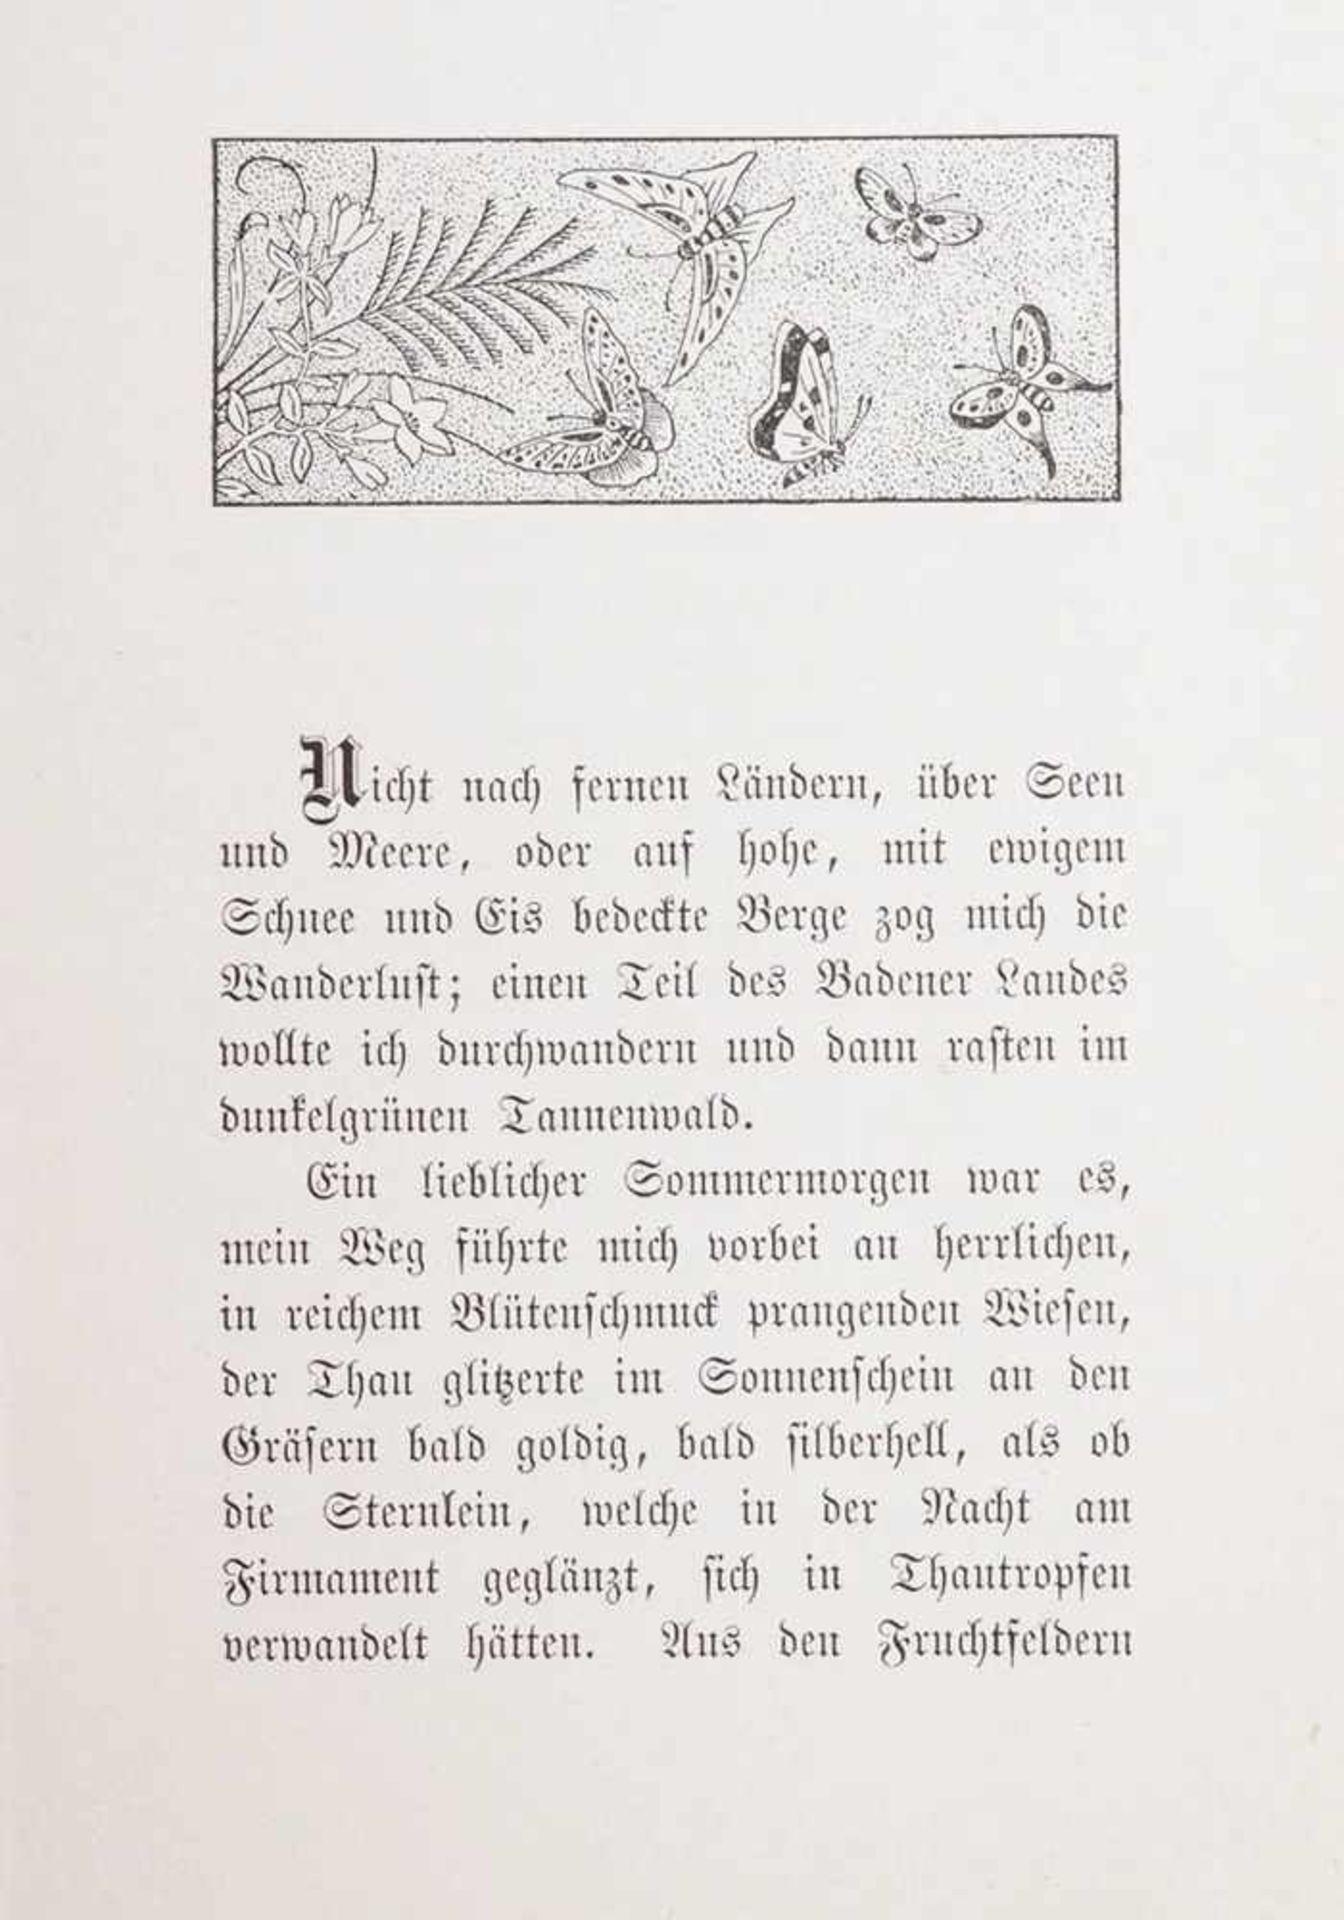 Schmidlin, Adolf1868 Lahr - 1954 Freiburg. Die Zwerge der Gertelbachschlucht, Lahr 1897 mit - Bild 5 aus 5